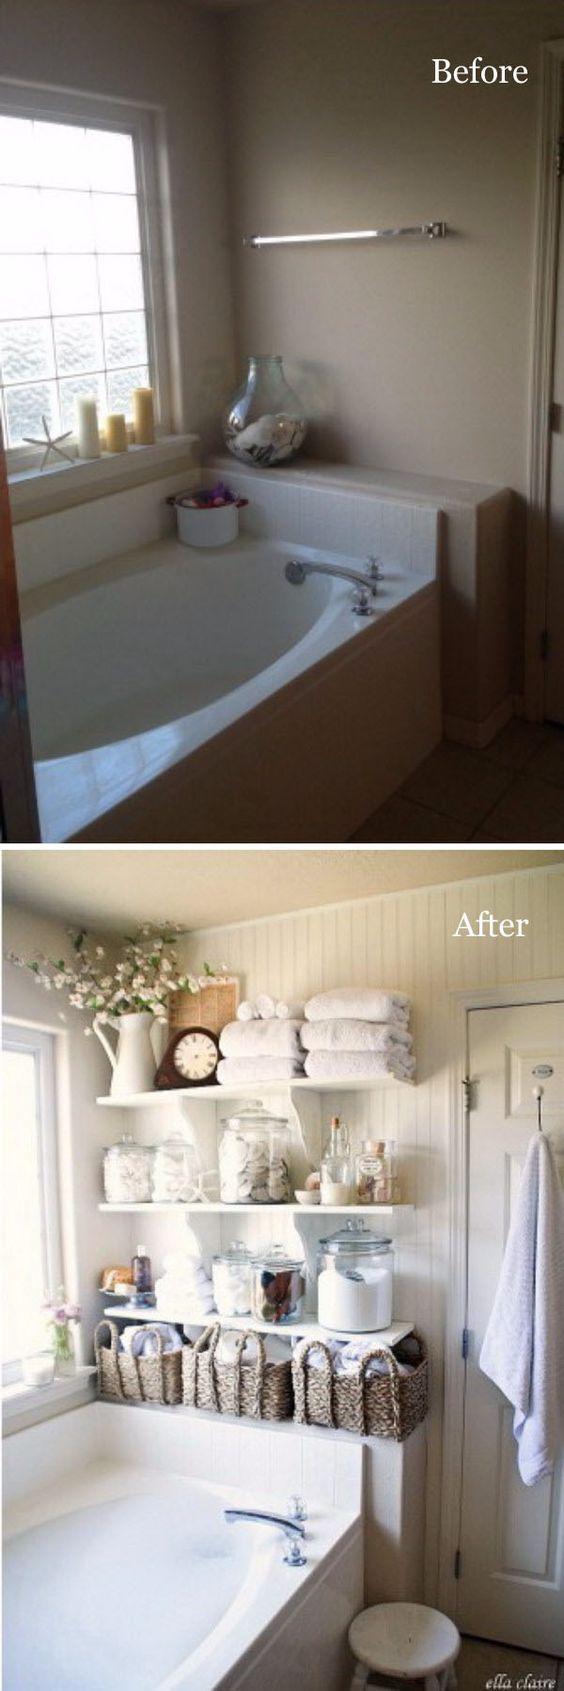 20 baños cambian de imagen ¡quedaron fabulosos! http://cursodeorganizaciondelhogar.com/20-banos-cambian-de-imagen-quedaron-fabulosos/ 20 bathrooms change of image were fabulous! #20bañoscambiandeimagen¡quedaronfabulosos! #antesydespues #baños #Decoracion #Decoracióndebaños #Ideasparaelbaño #remodelacionesantesydespues #Tipsdedecoracion